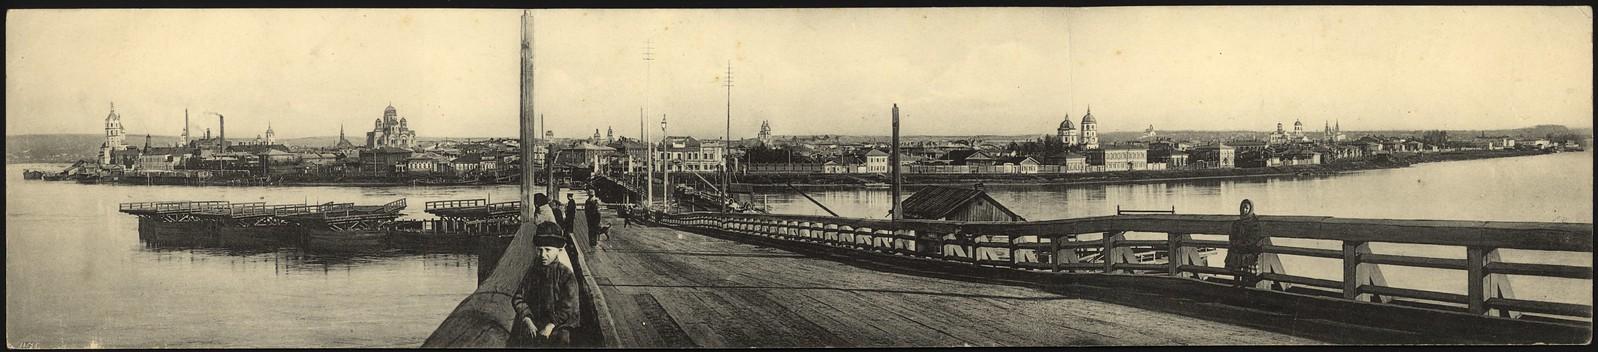 01. Панорама города. 1900